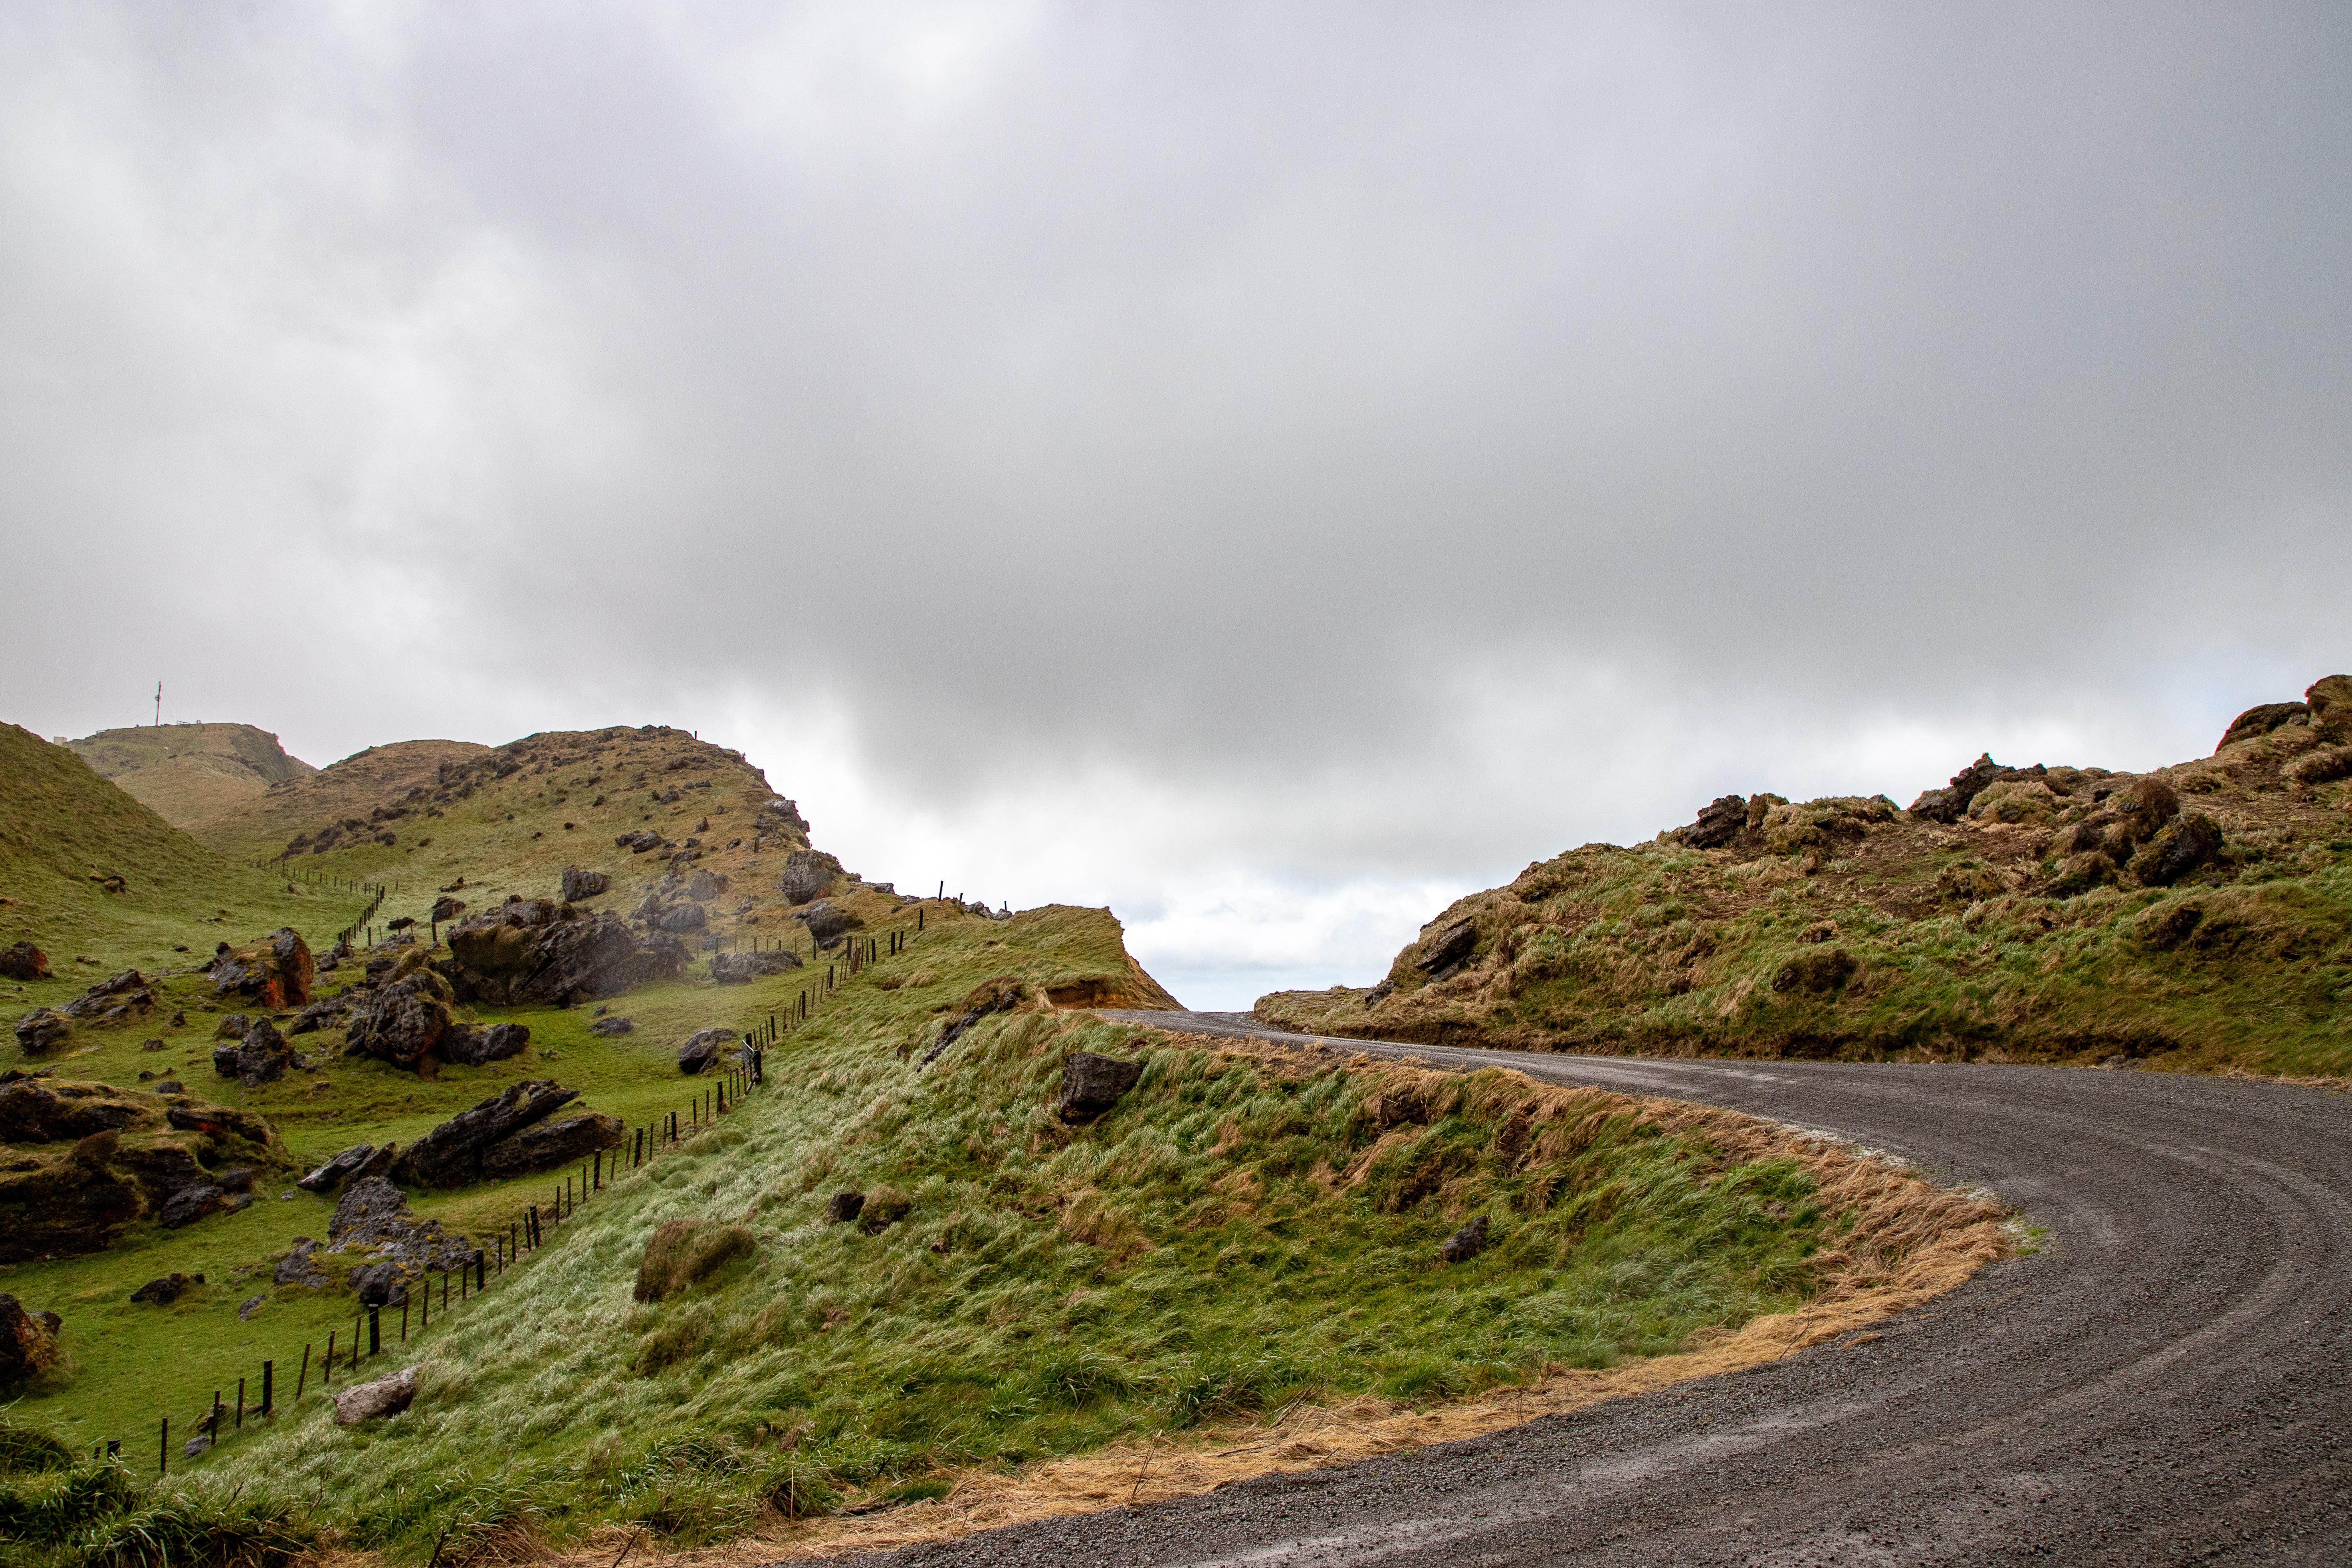 Towai Road Gap